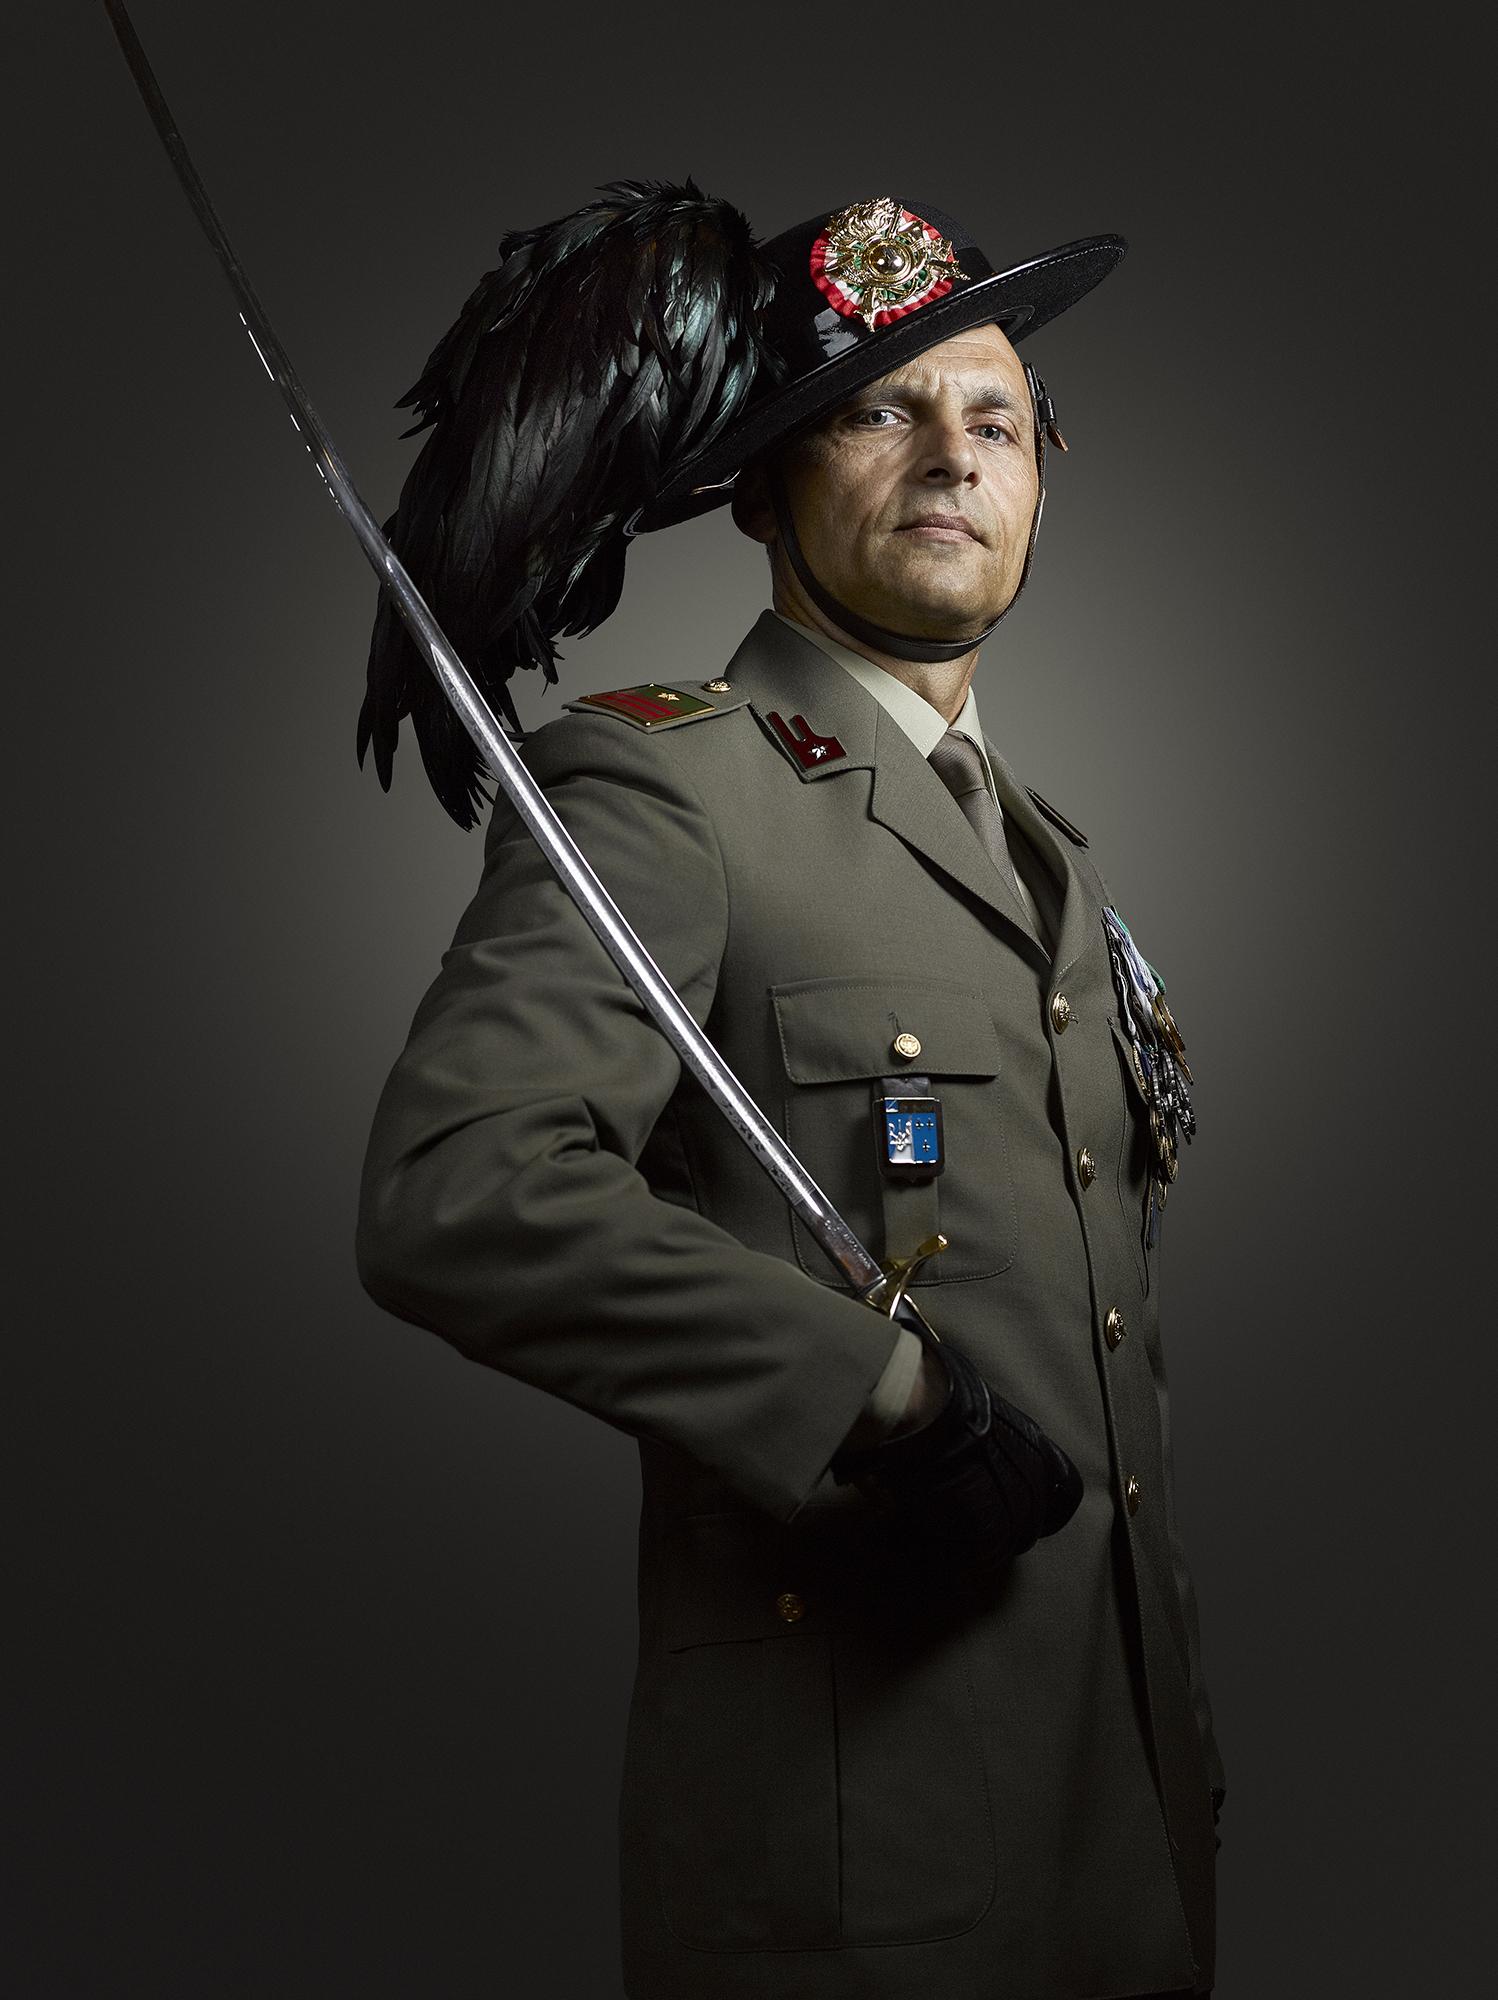 Soldati della Repubblica - Ritratti dell'esercito italiano